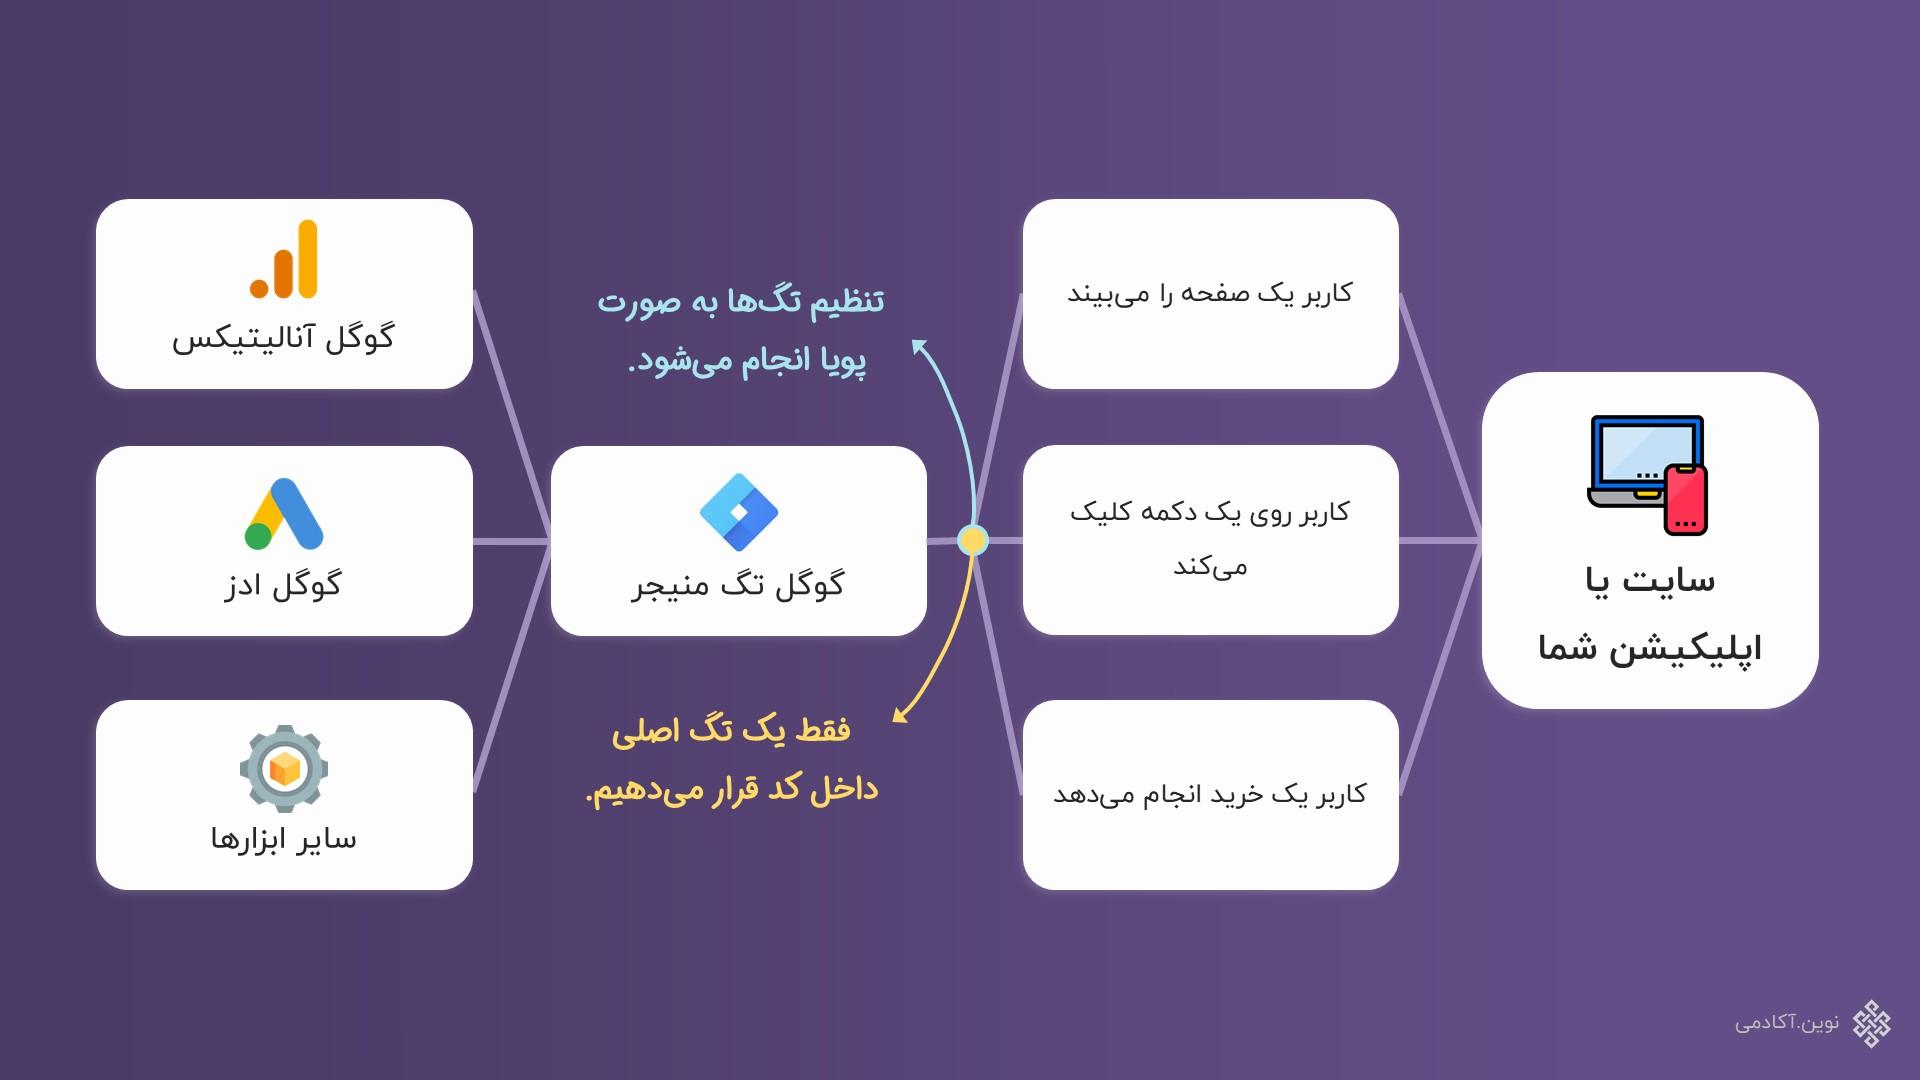 ساختار کلی تگ منیجر: پل ارتباطی سایت شما با سایر ابزارها